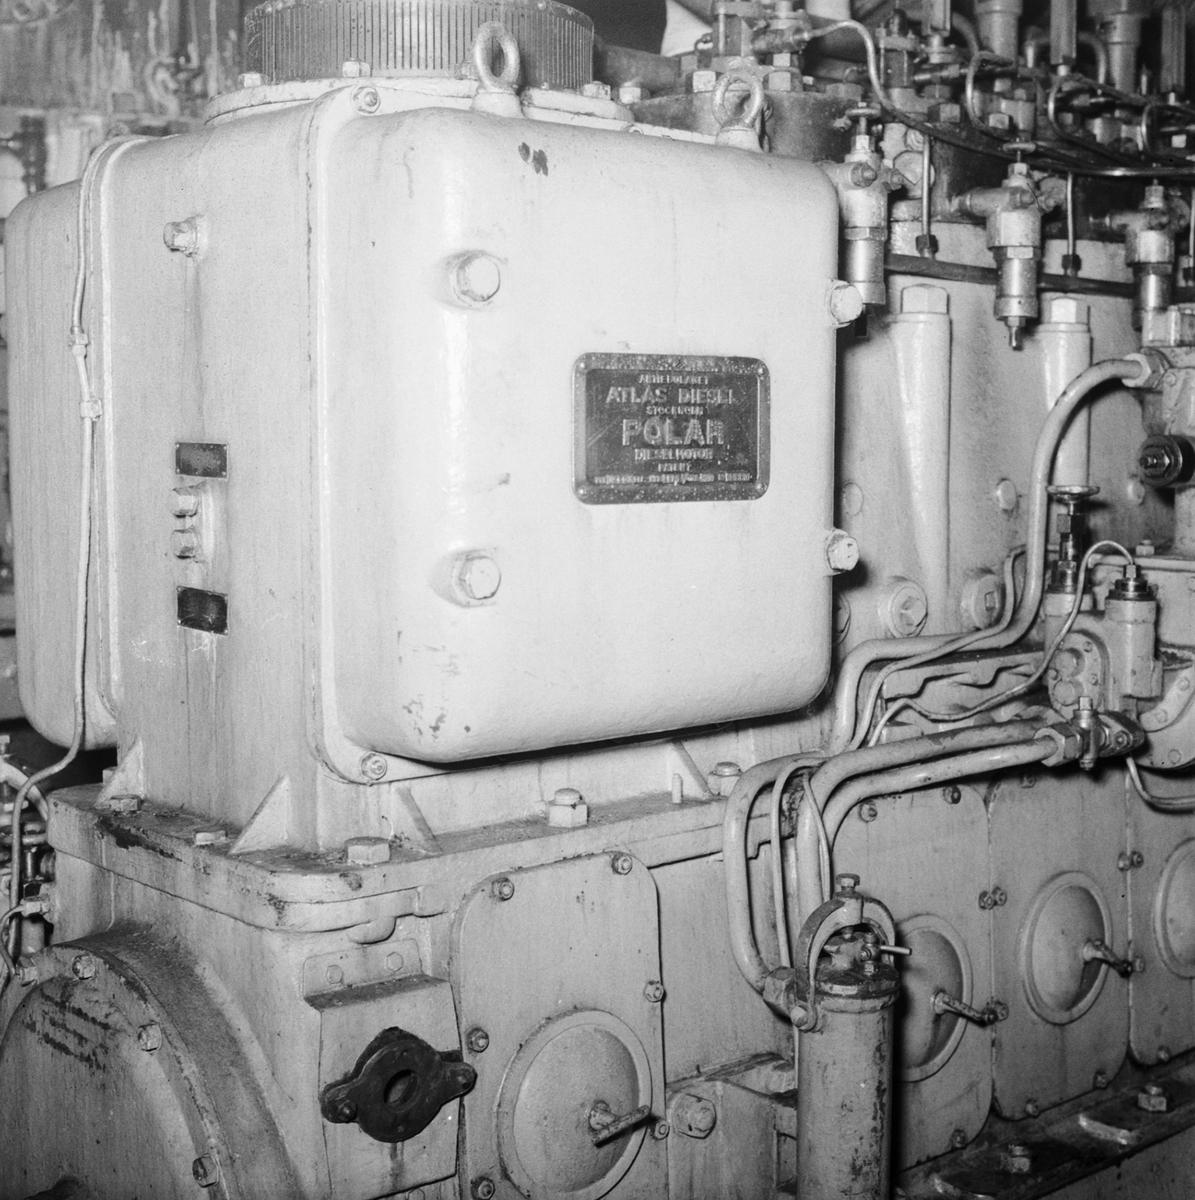 Fartyg: DROTTNING VICTORIA             Bredd över allt 18,63 meter Längd över allt 120,0 meter  Rederi: Karlskronavarvet Byggår: 1921 Varv: Götaverken, Göteborgs MV Övrigt: Dr V. omformare.